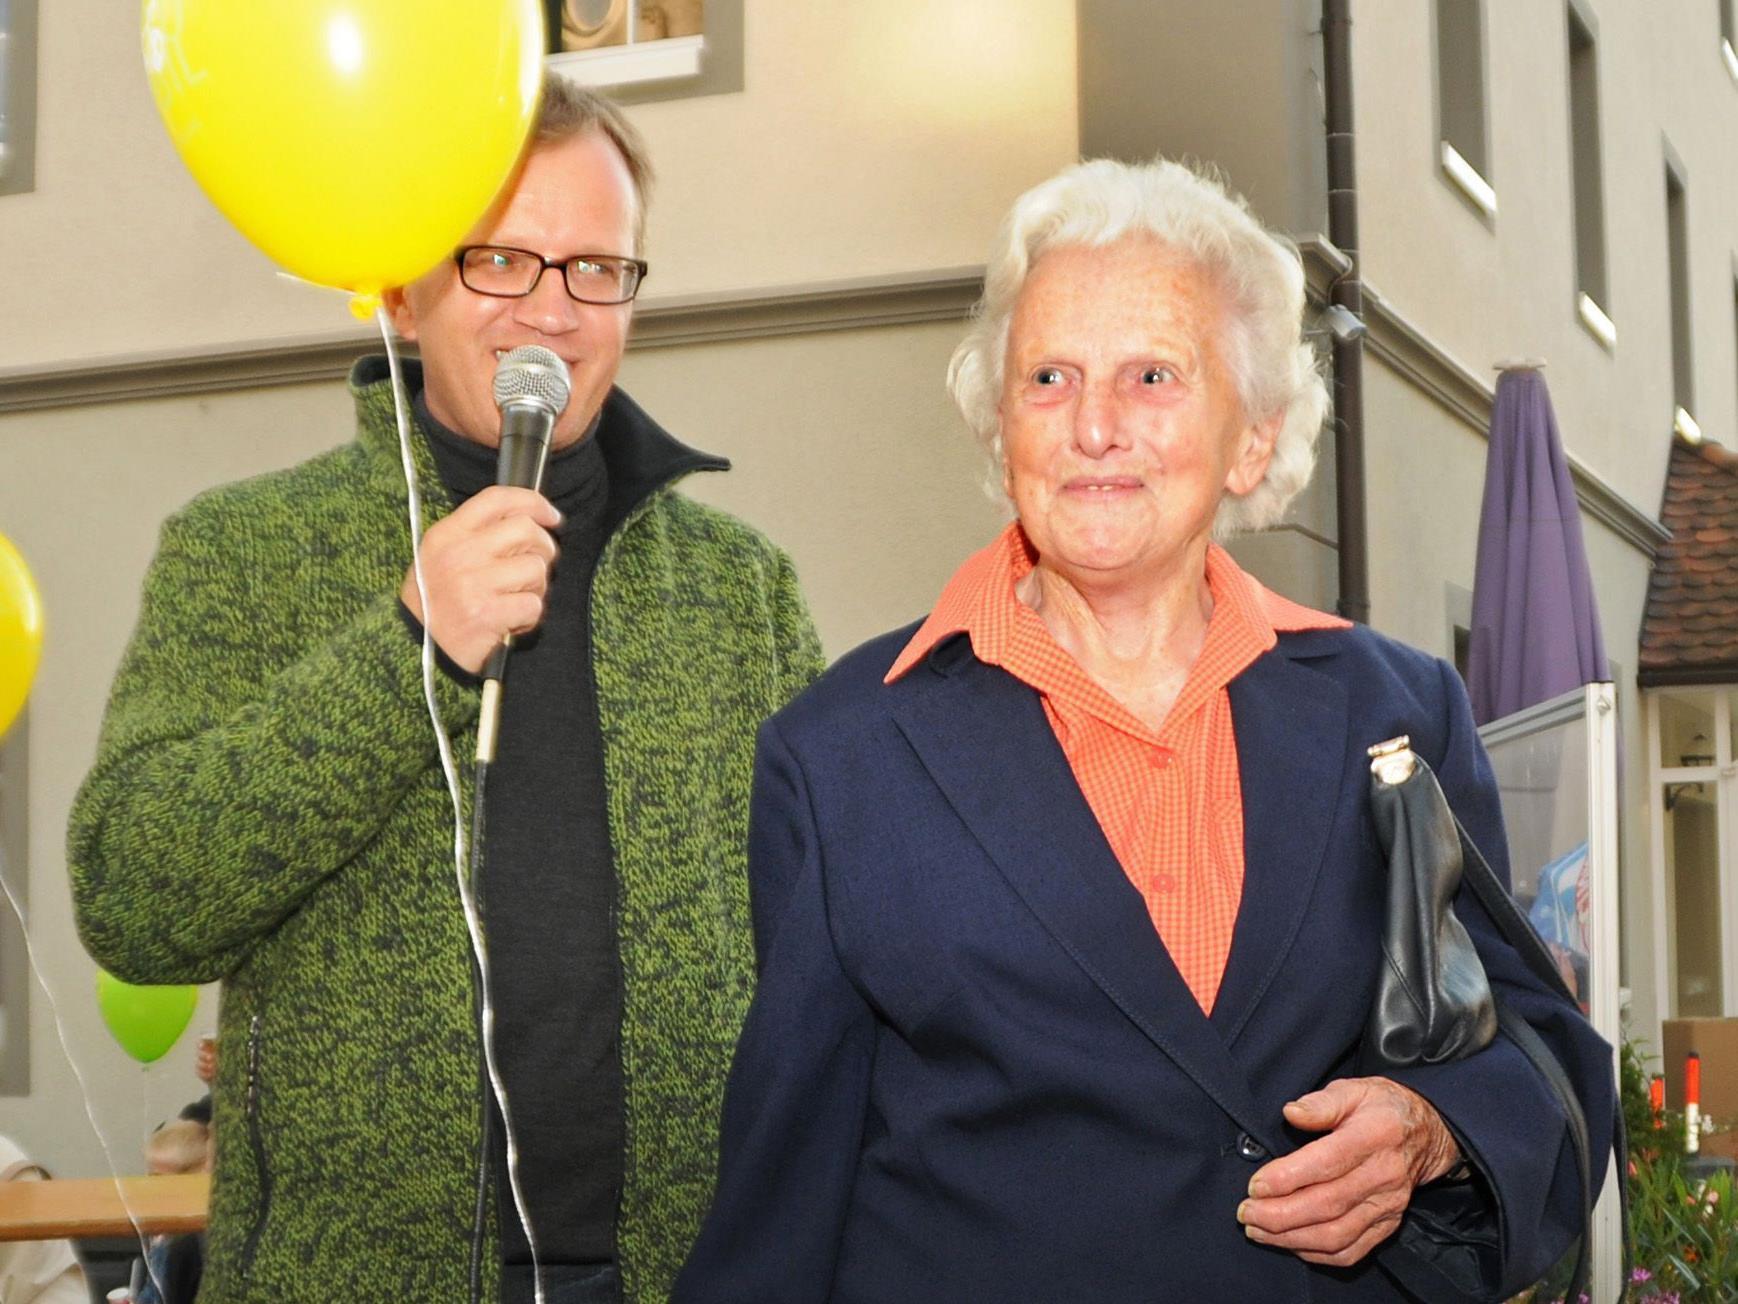 Die 90-jährige Gisela Baum radelte heuer 2.500 km weit. GV Markus Bacher gratulierte.